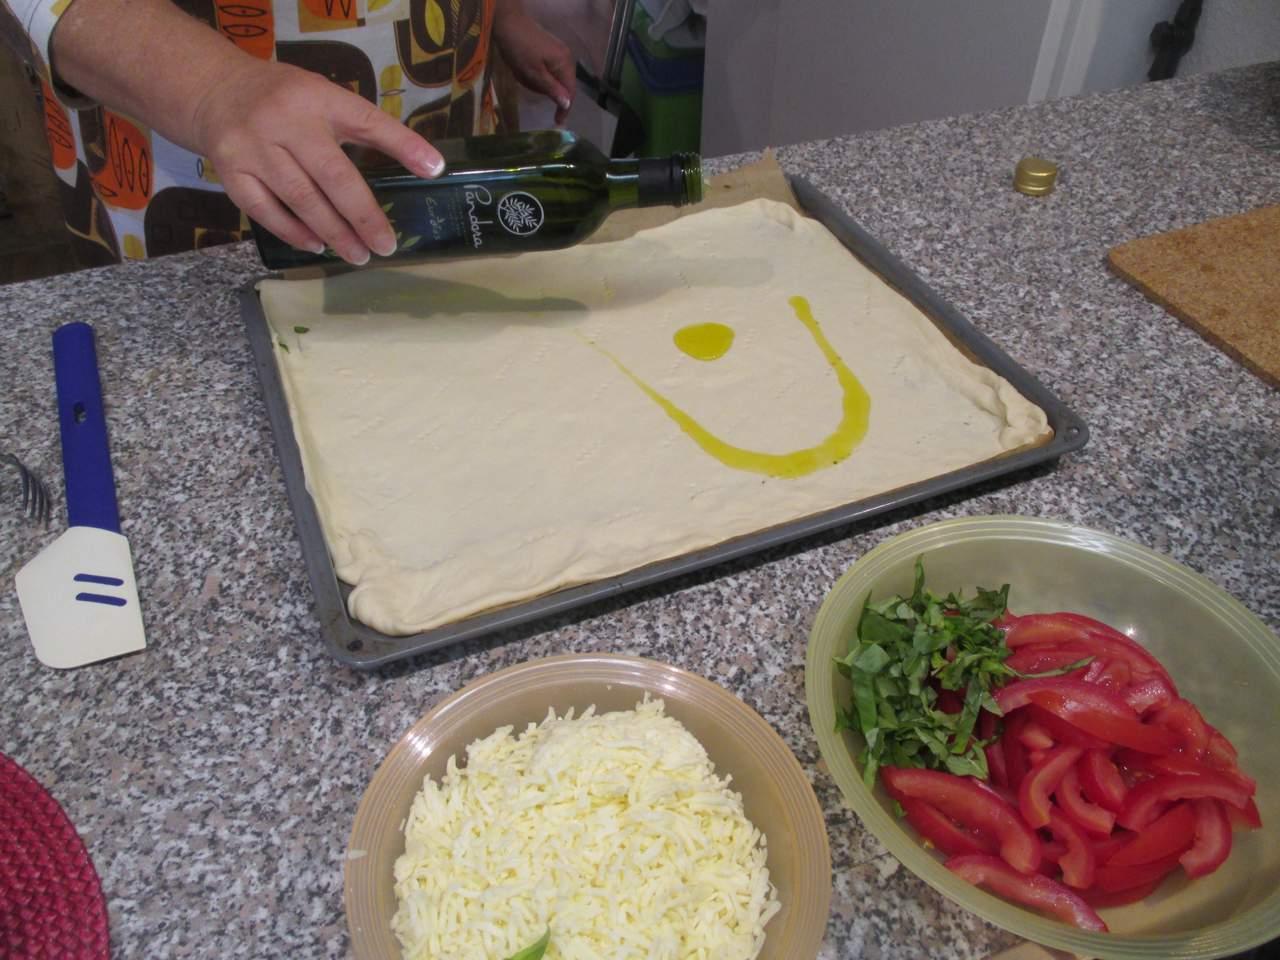 mit der Gabel den Teig anpicken und das Olivenöl verteilen